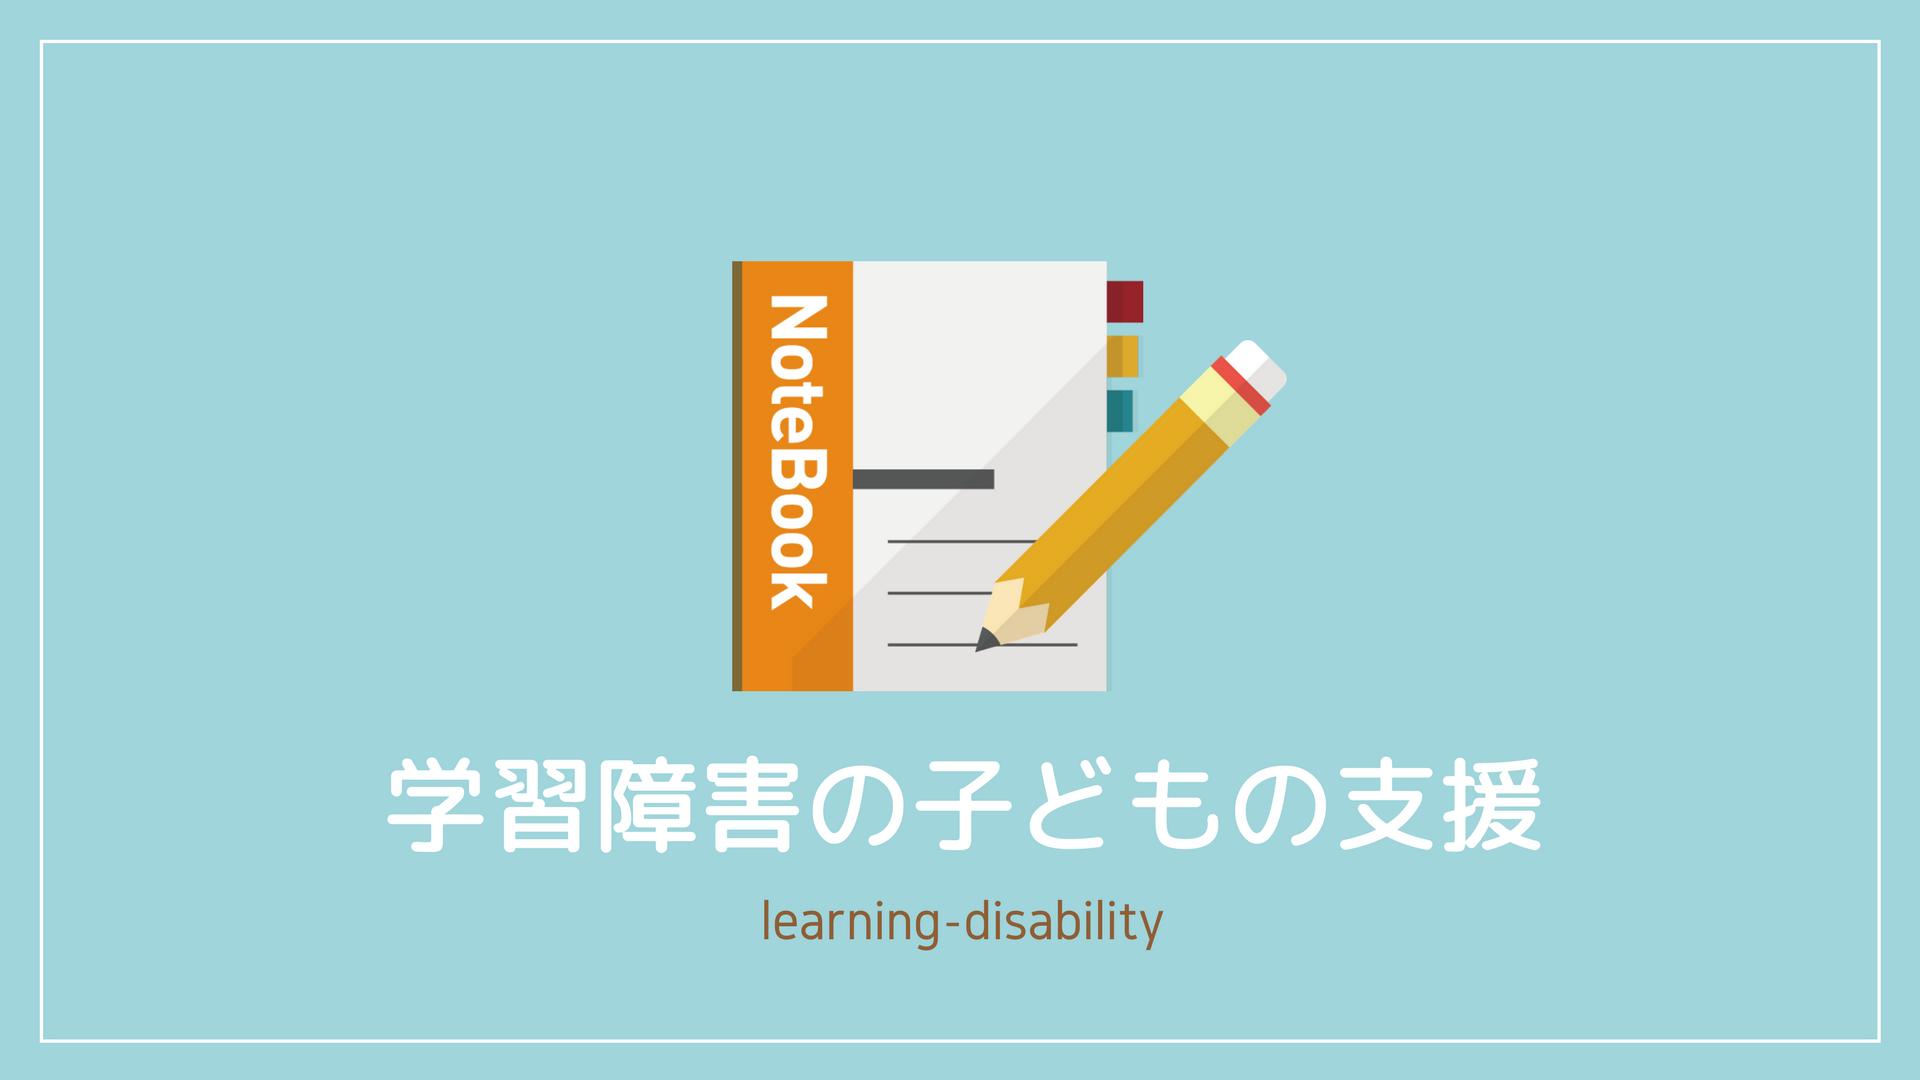 学習障害の診断を受けてから〜効果のあった支援・失敗した支援〜